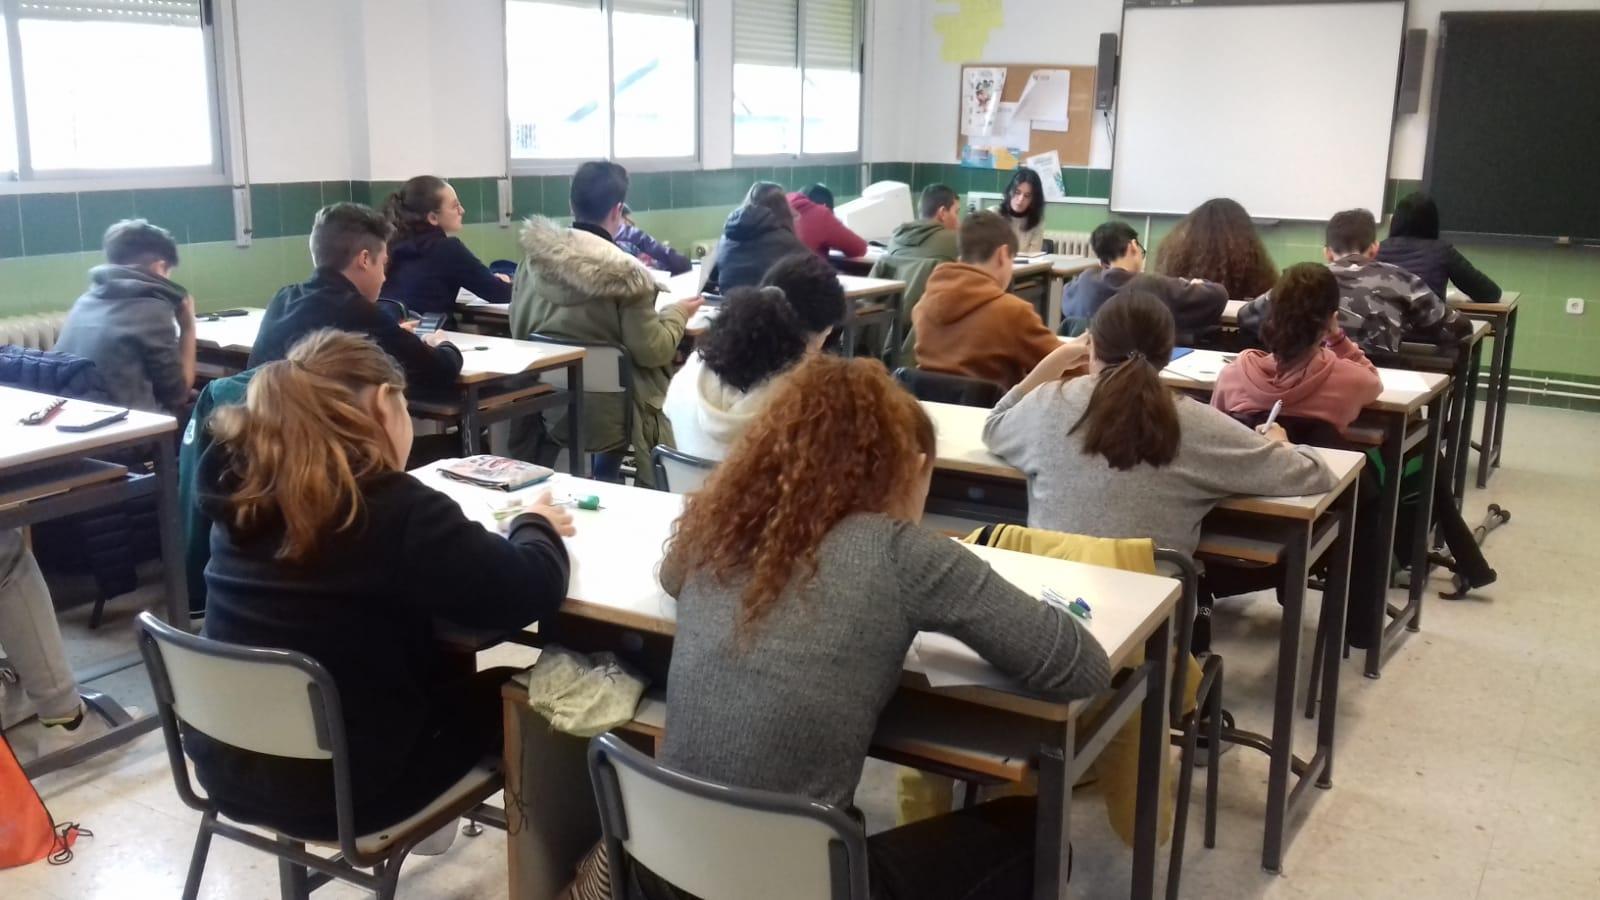 Casar de Cáceres repite como sede de la fase comarcal de la Olimpiada Matemática